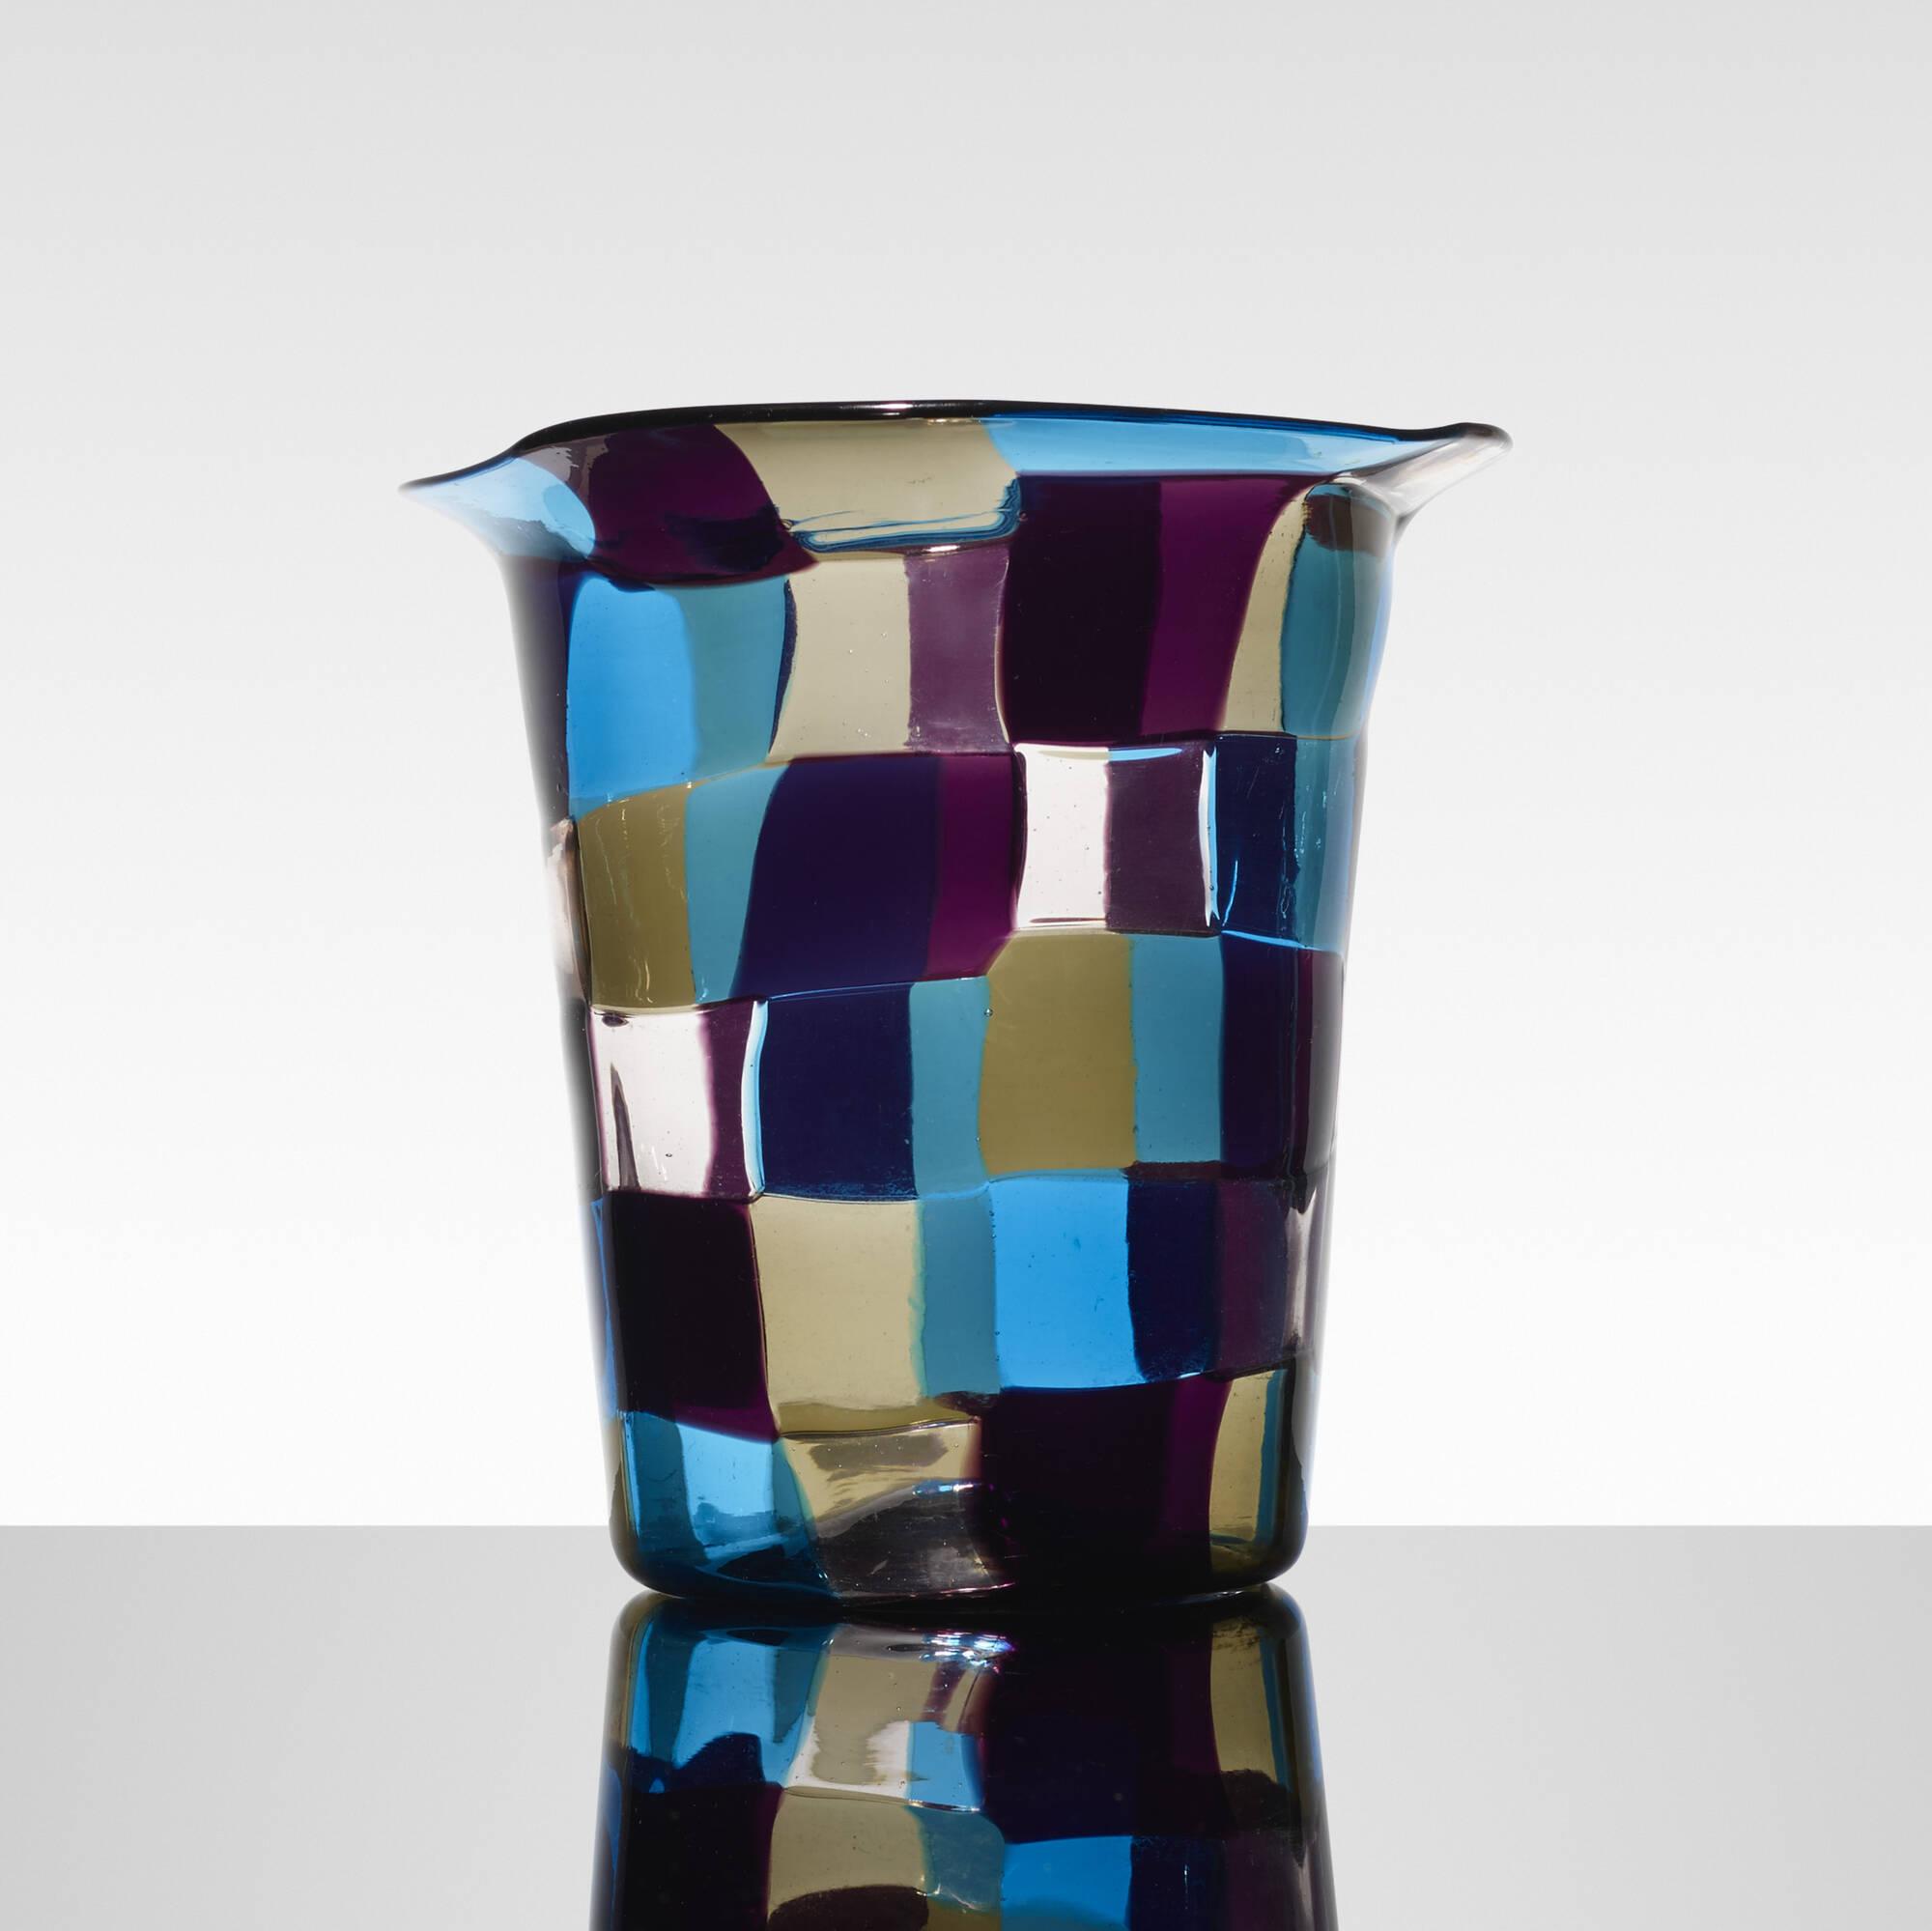 137: Fulvio Bianconi / rare Cappello del Mago vase (1 of 3)